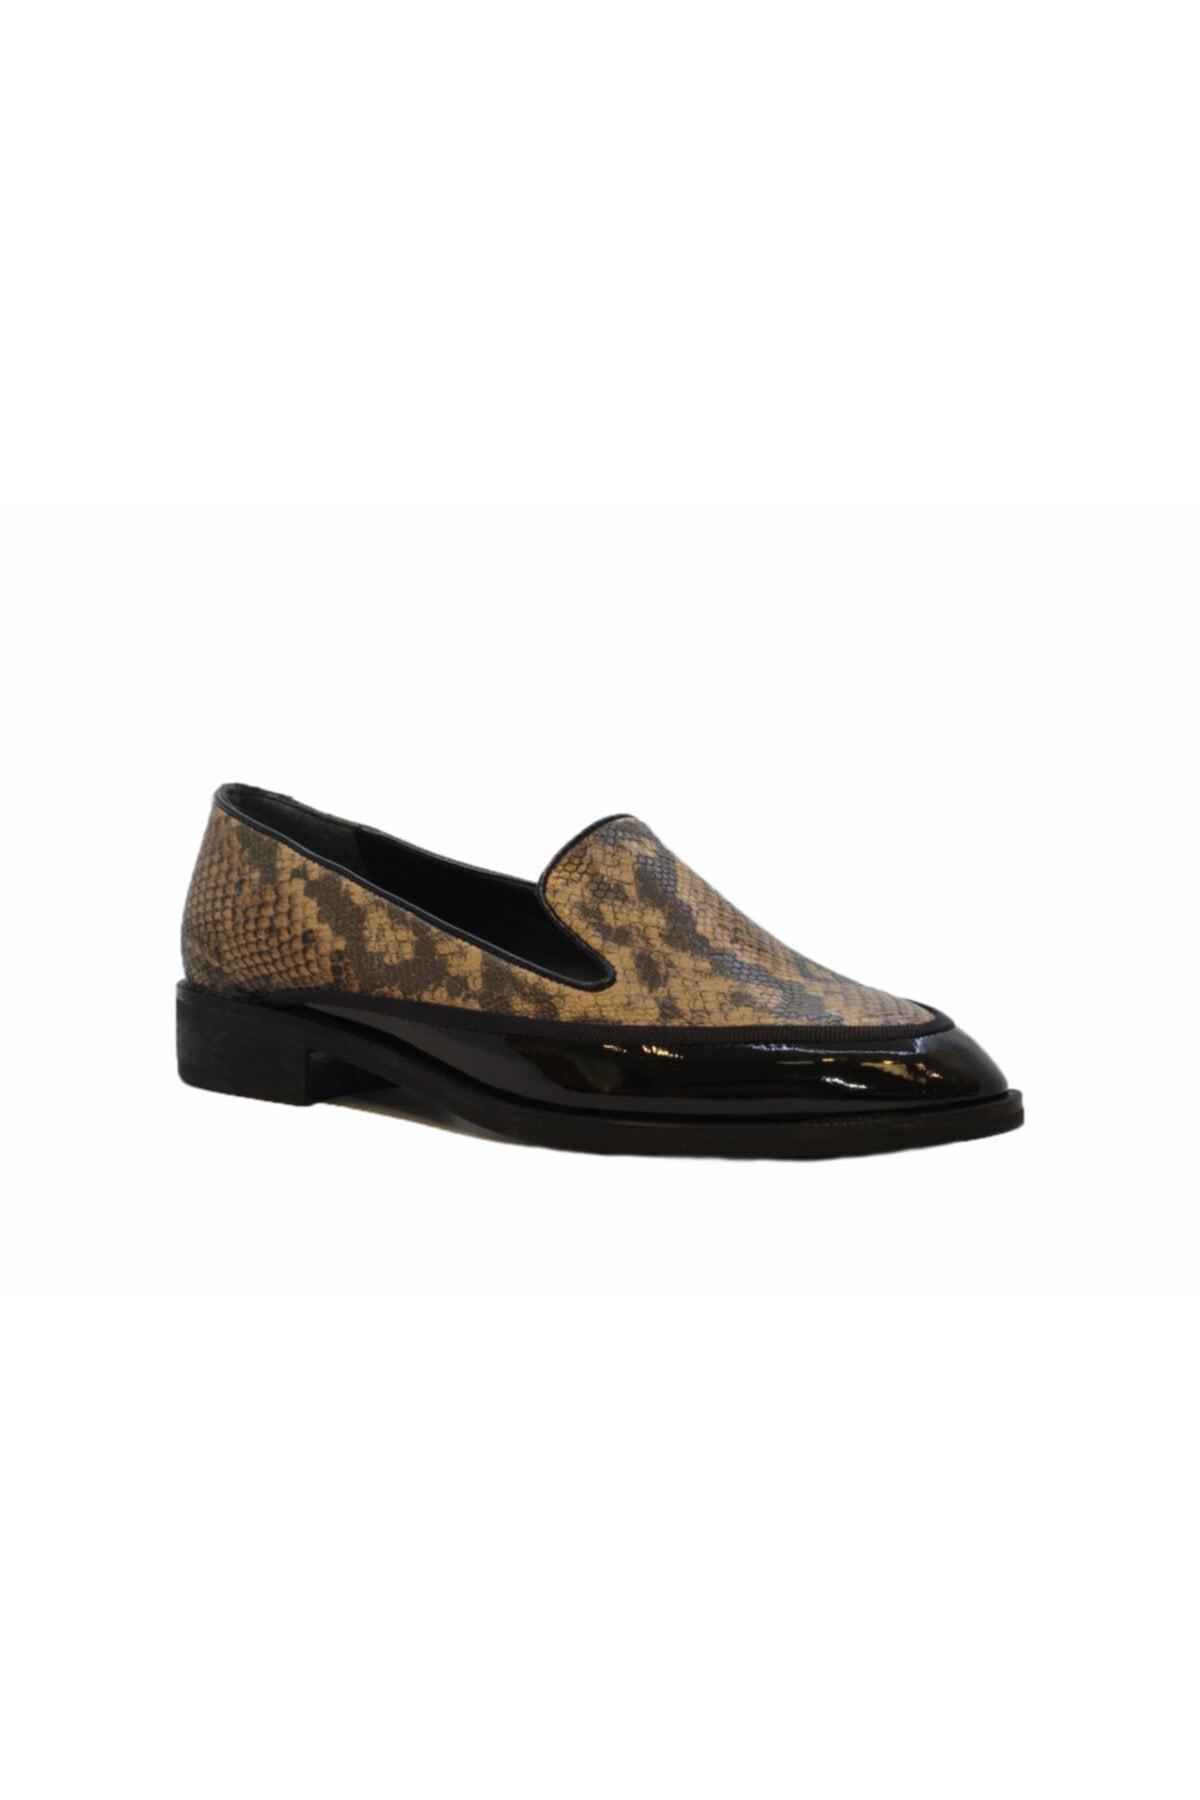 DİVUM Siyah Rugan Yılanlı Ayakkabı 2